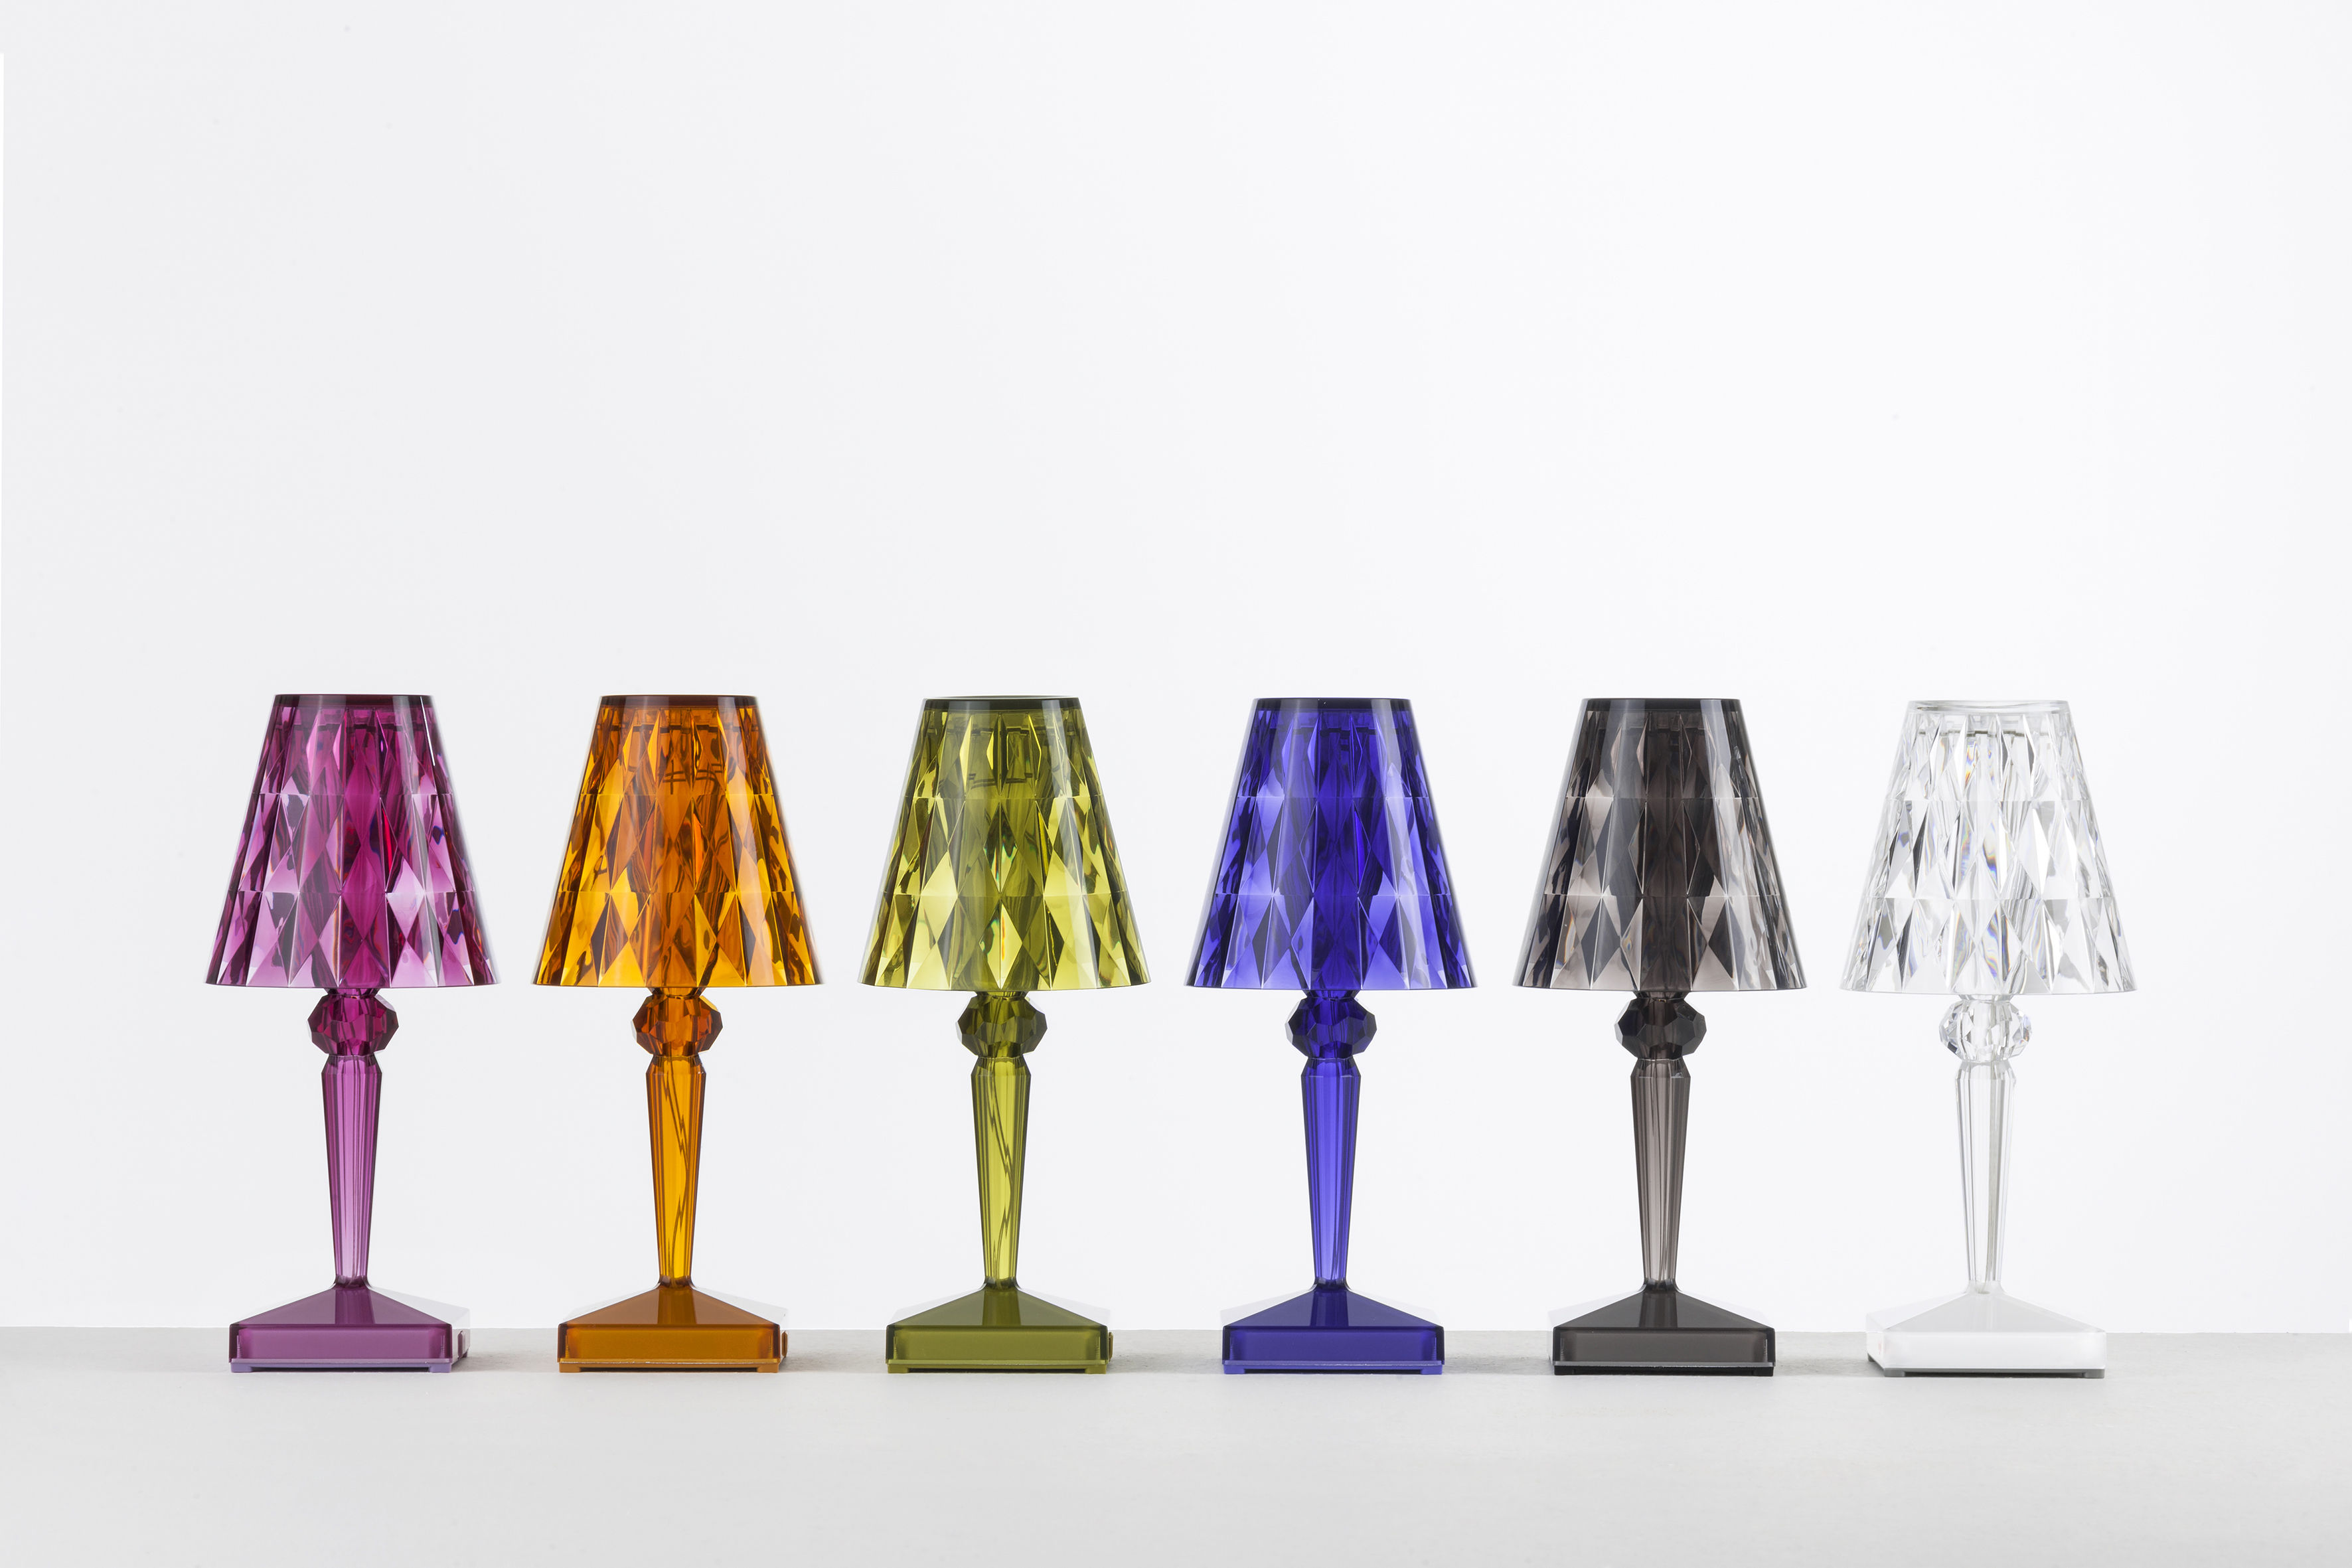 Lampe Ohne Kabel Battery LED Von Kartell